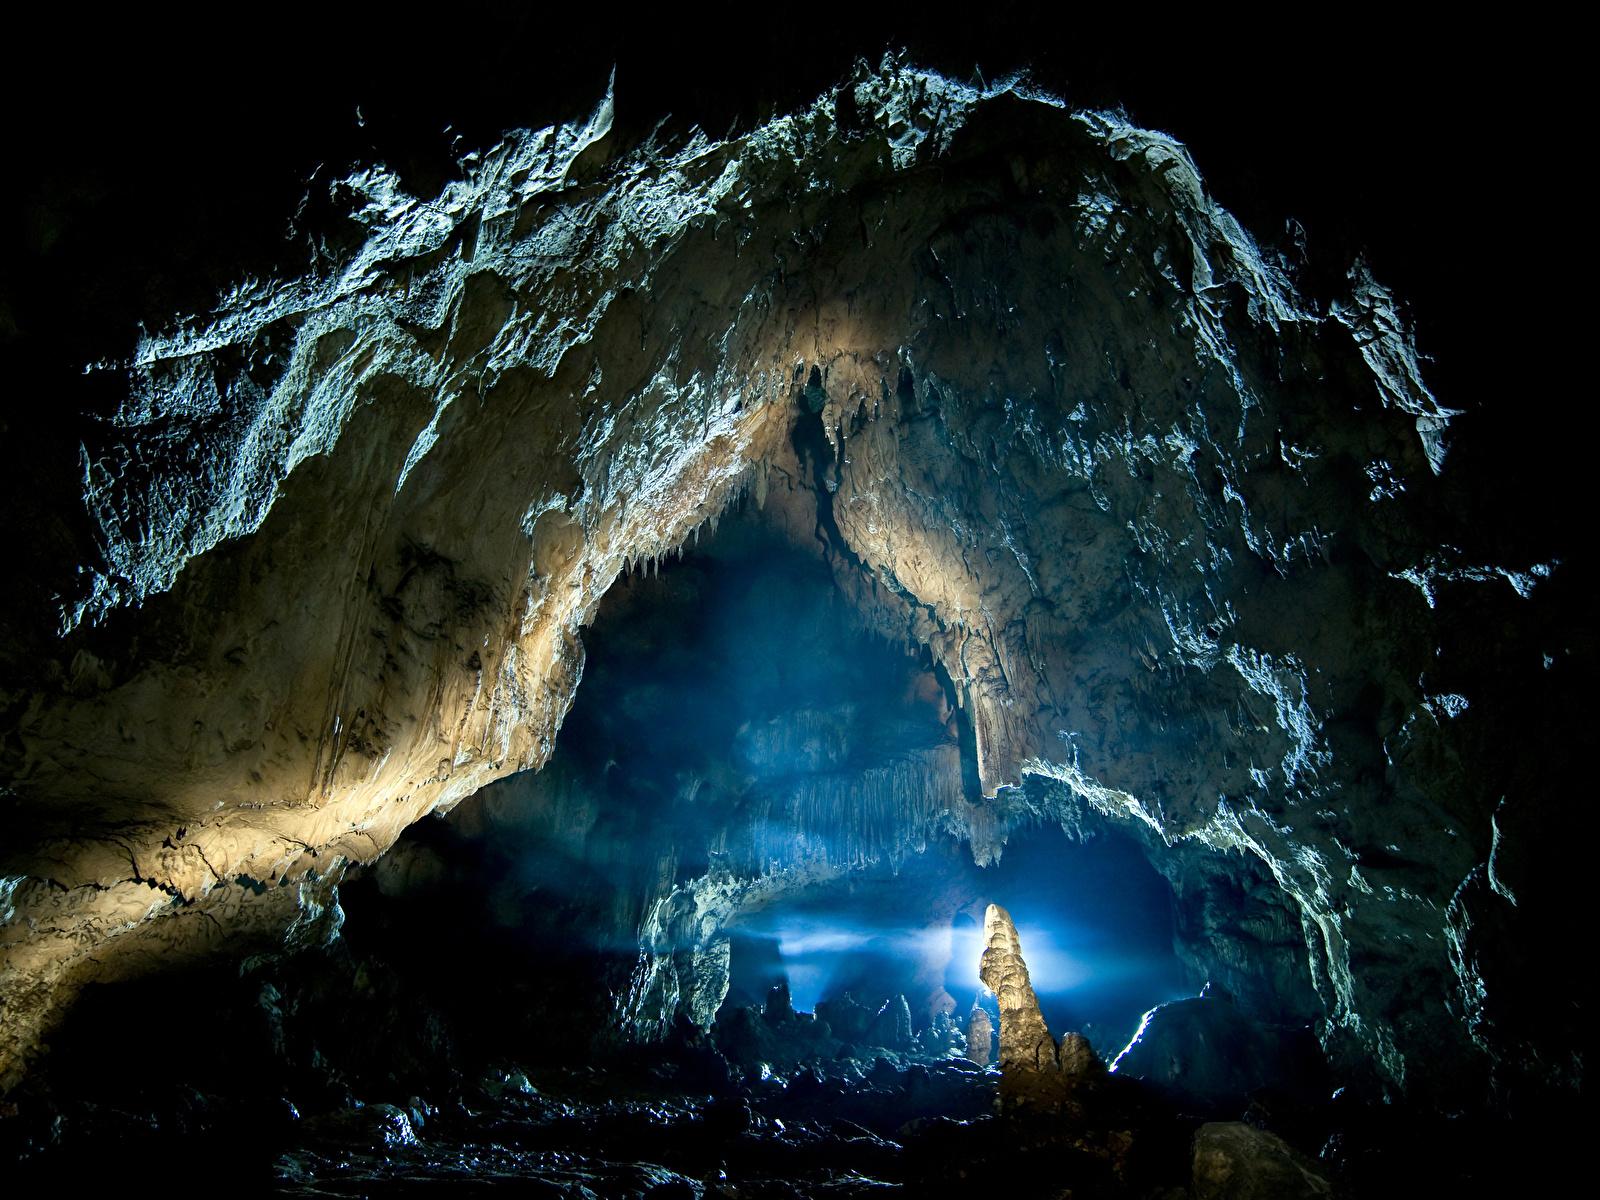 Фото Скала Пещера Природа 1600x1200 Утес скалы скале пещере пещеры